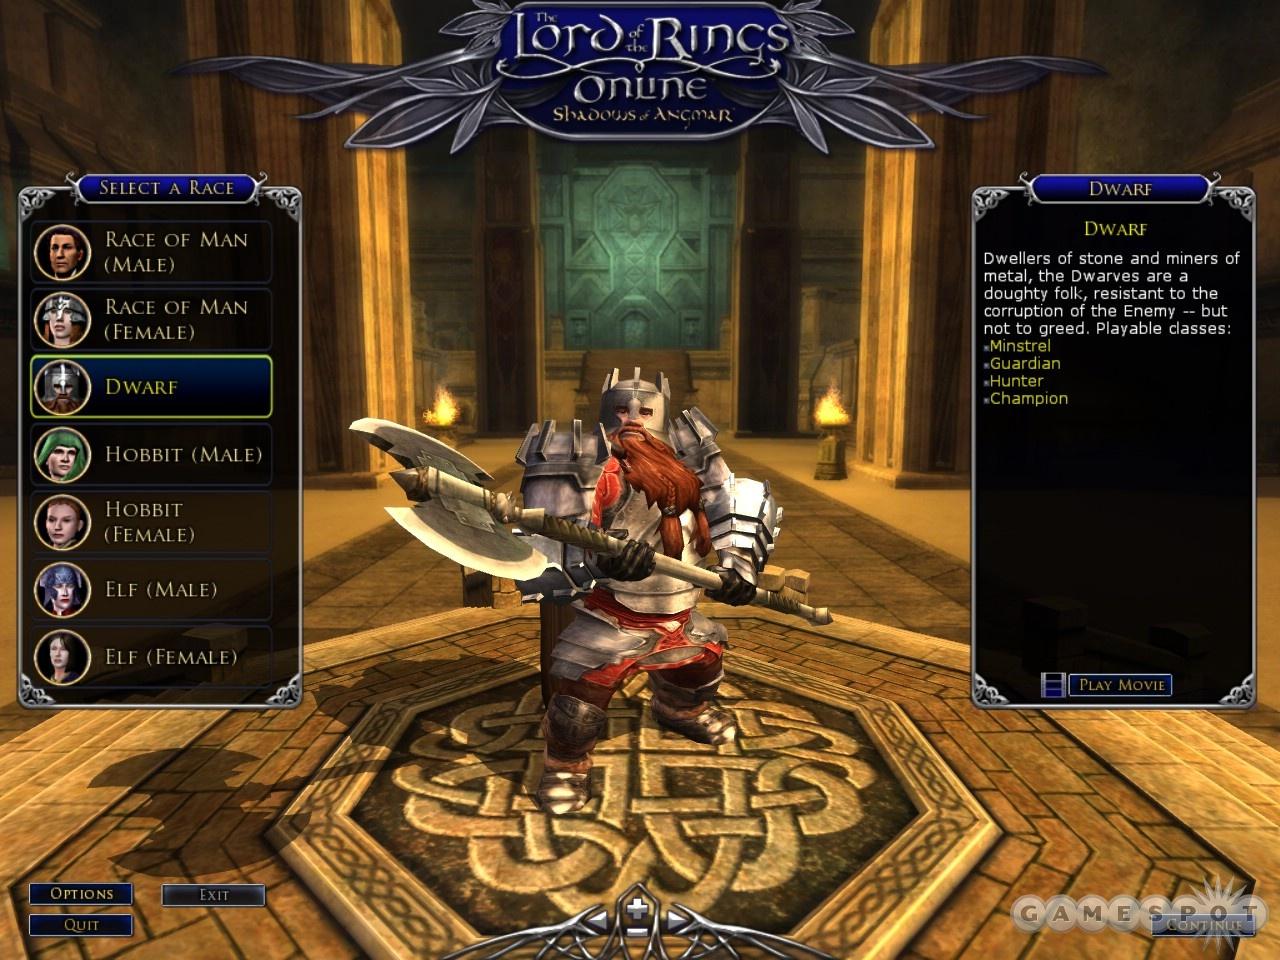 http://4.bp.blogspot.com/_RVLJm9IHkZk/TDamWkGRgZI/AAAAAAAABNY/kUXR2zh6bds/s1600/lotro_dwarf.jpg